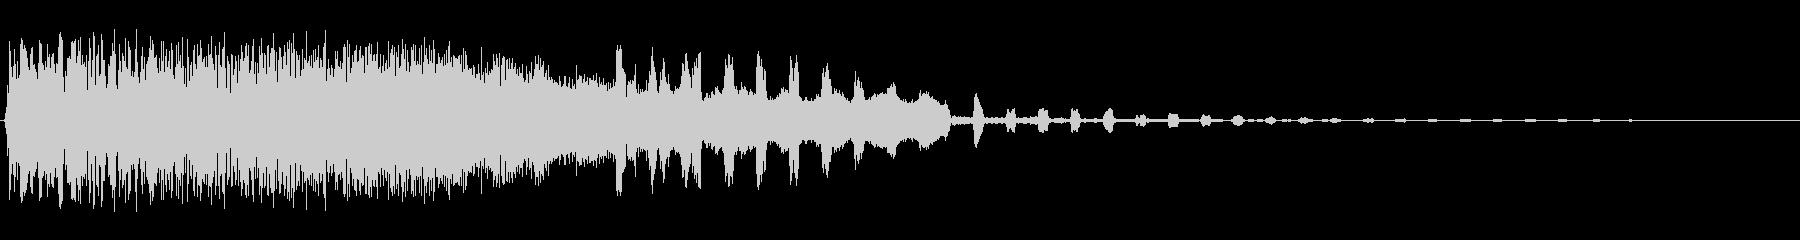 ブルルンカラカラ(高い2種類の効果音)の未再生の波形